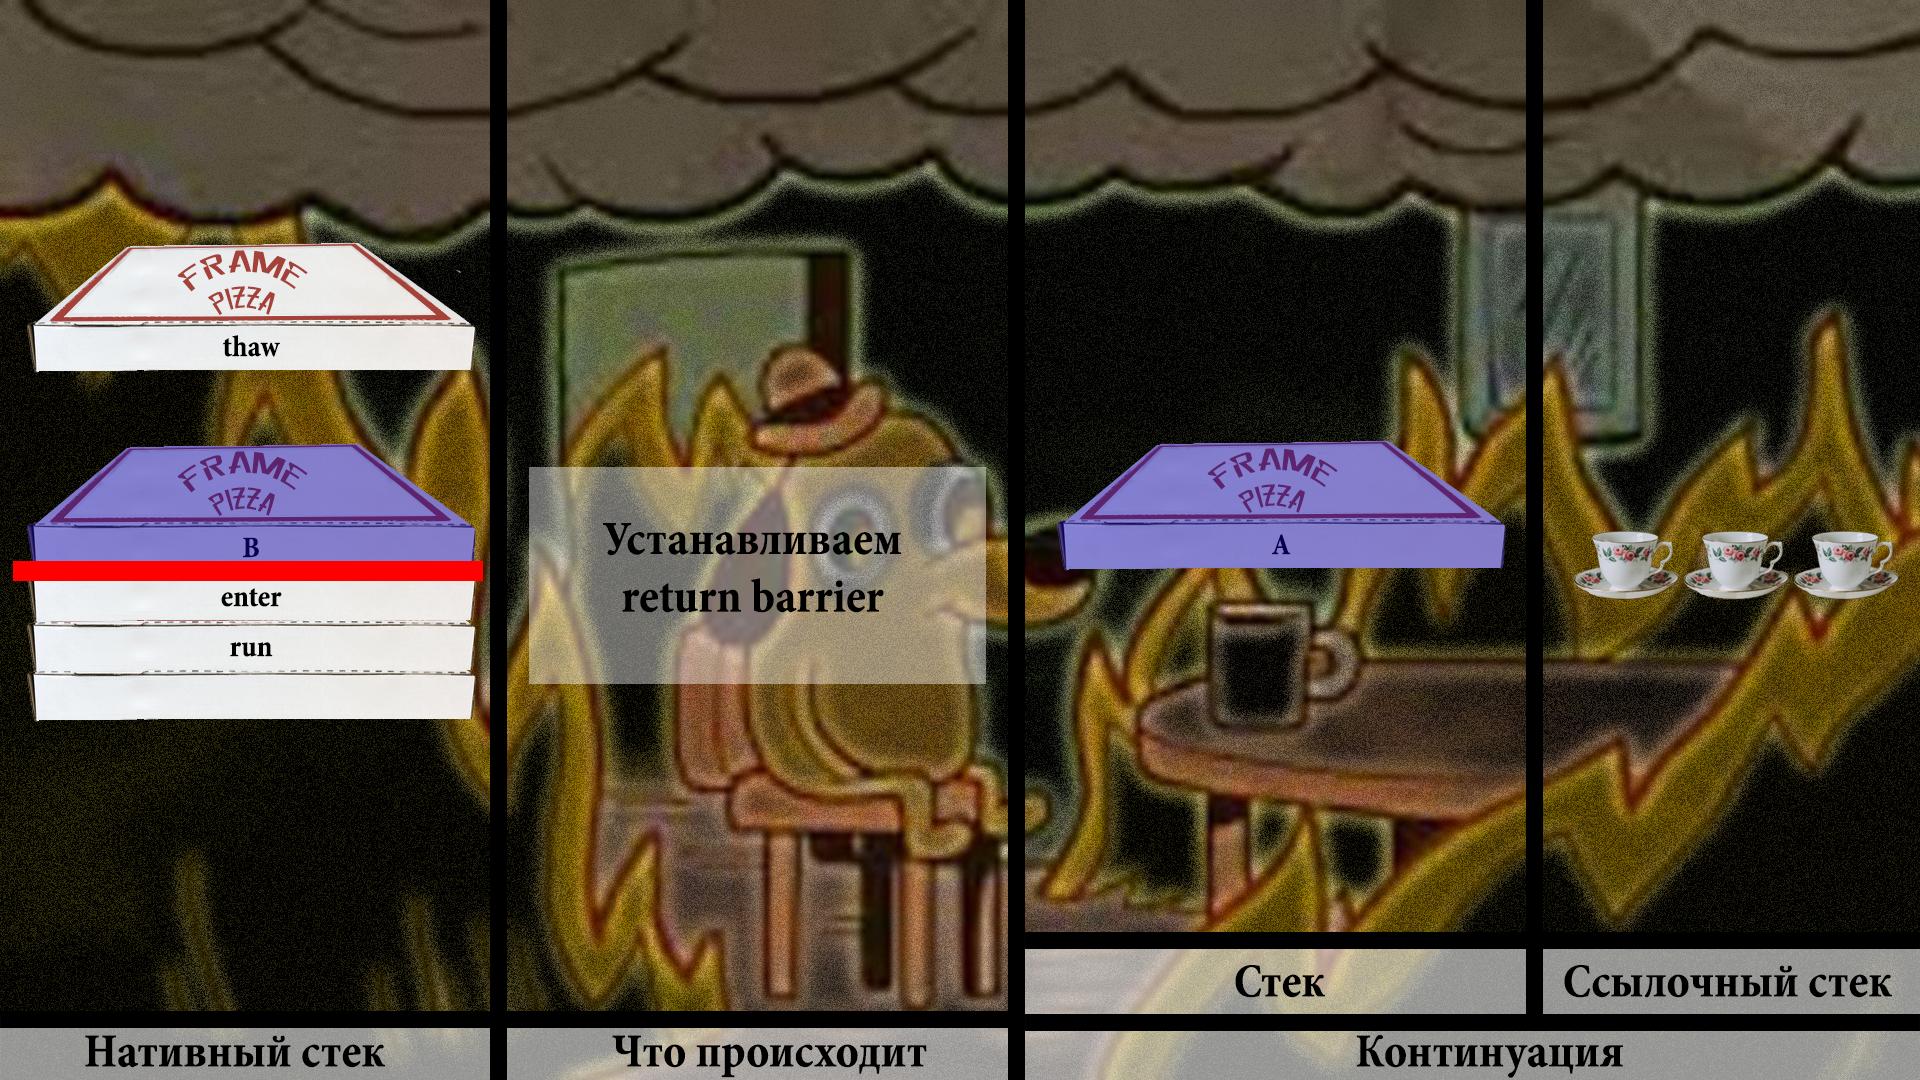 gvyo0u4iwzunuqovy1yv_-jbutq.png